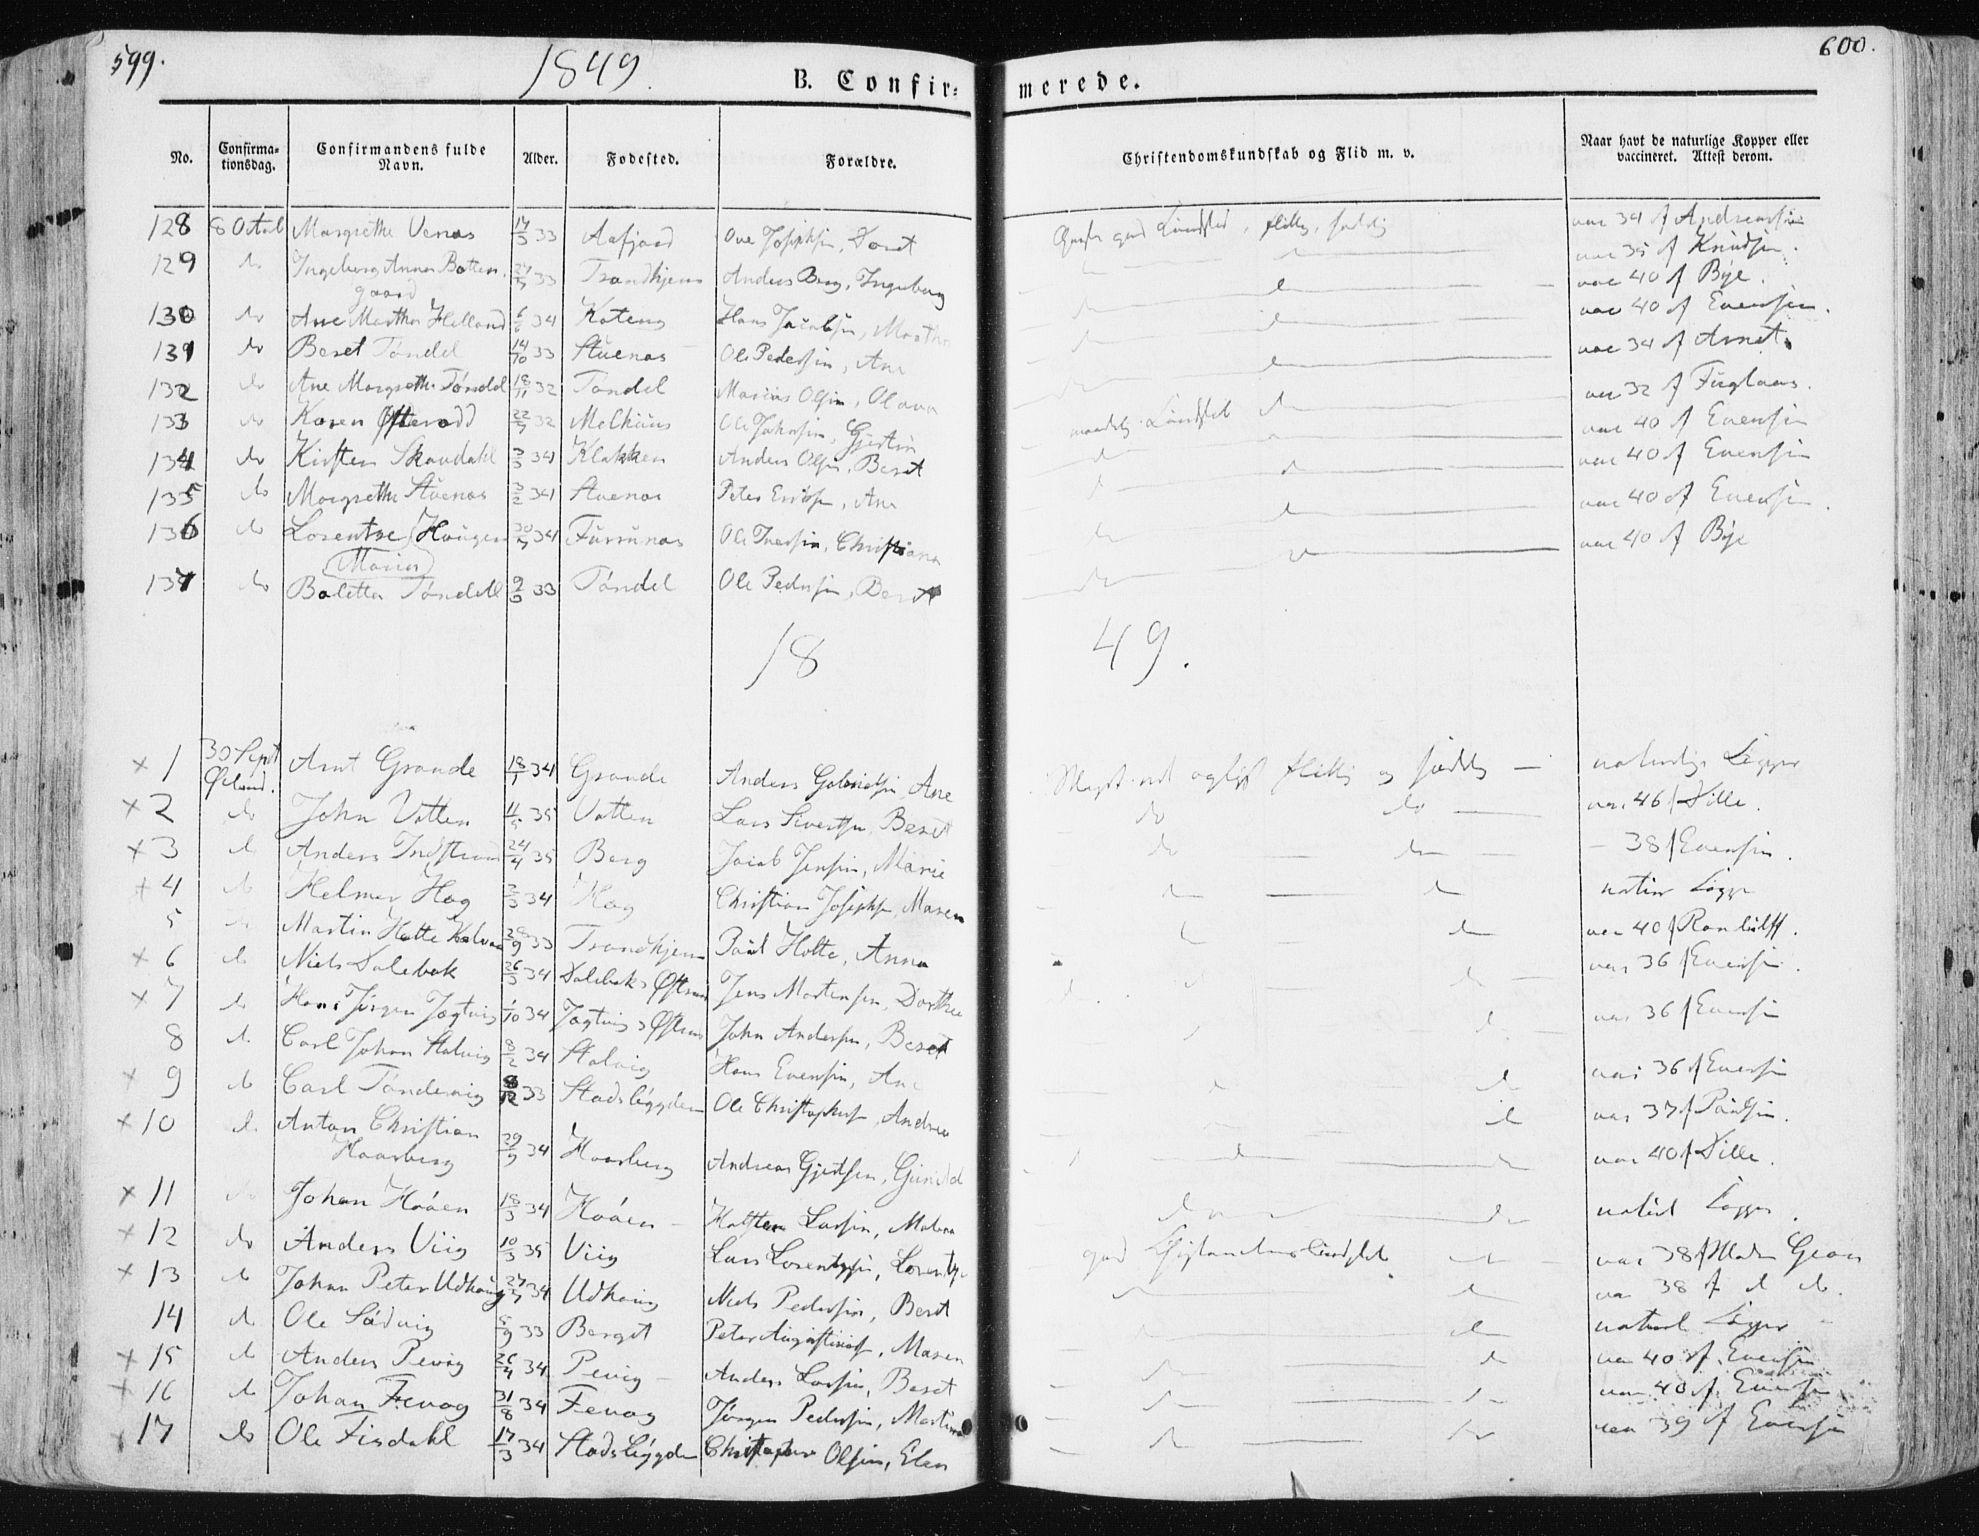 SAT, Ministerialprotokoller, klokkerbøker og fødselsregistre - Sør-Trøndelag, 659/L0736: Ministerialbok nr. 659A06, 1842-1856, s. 599-600